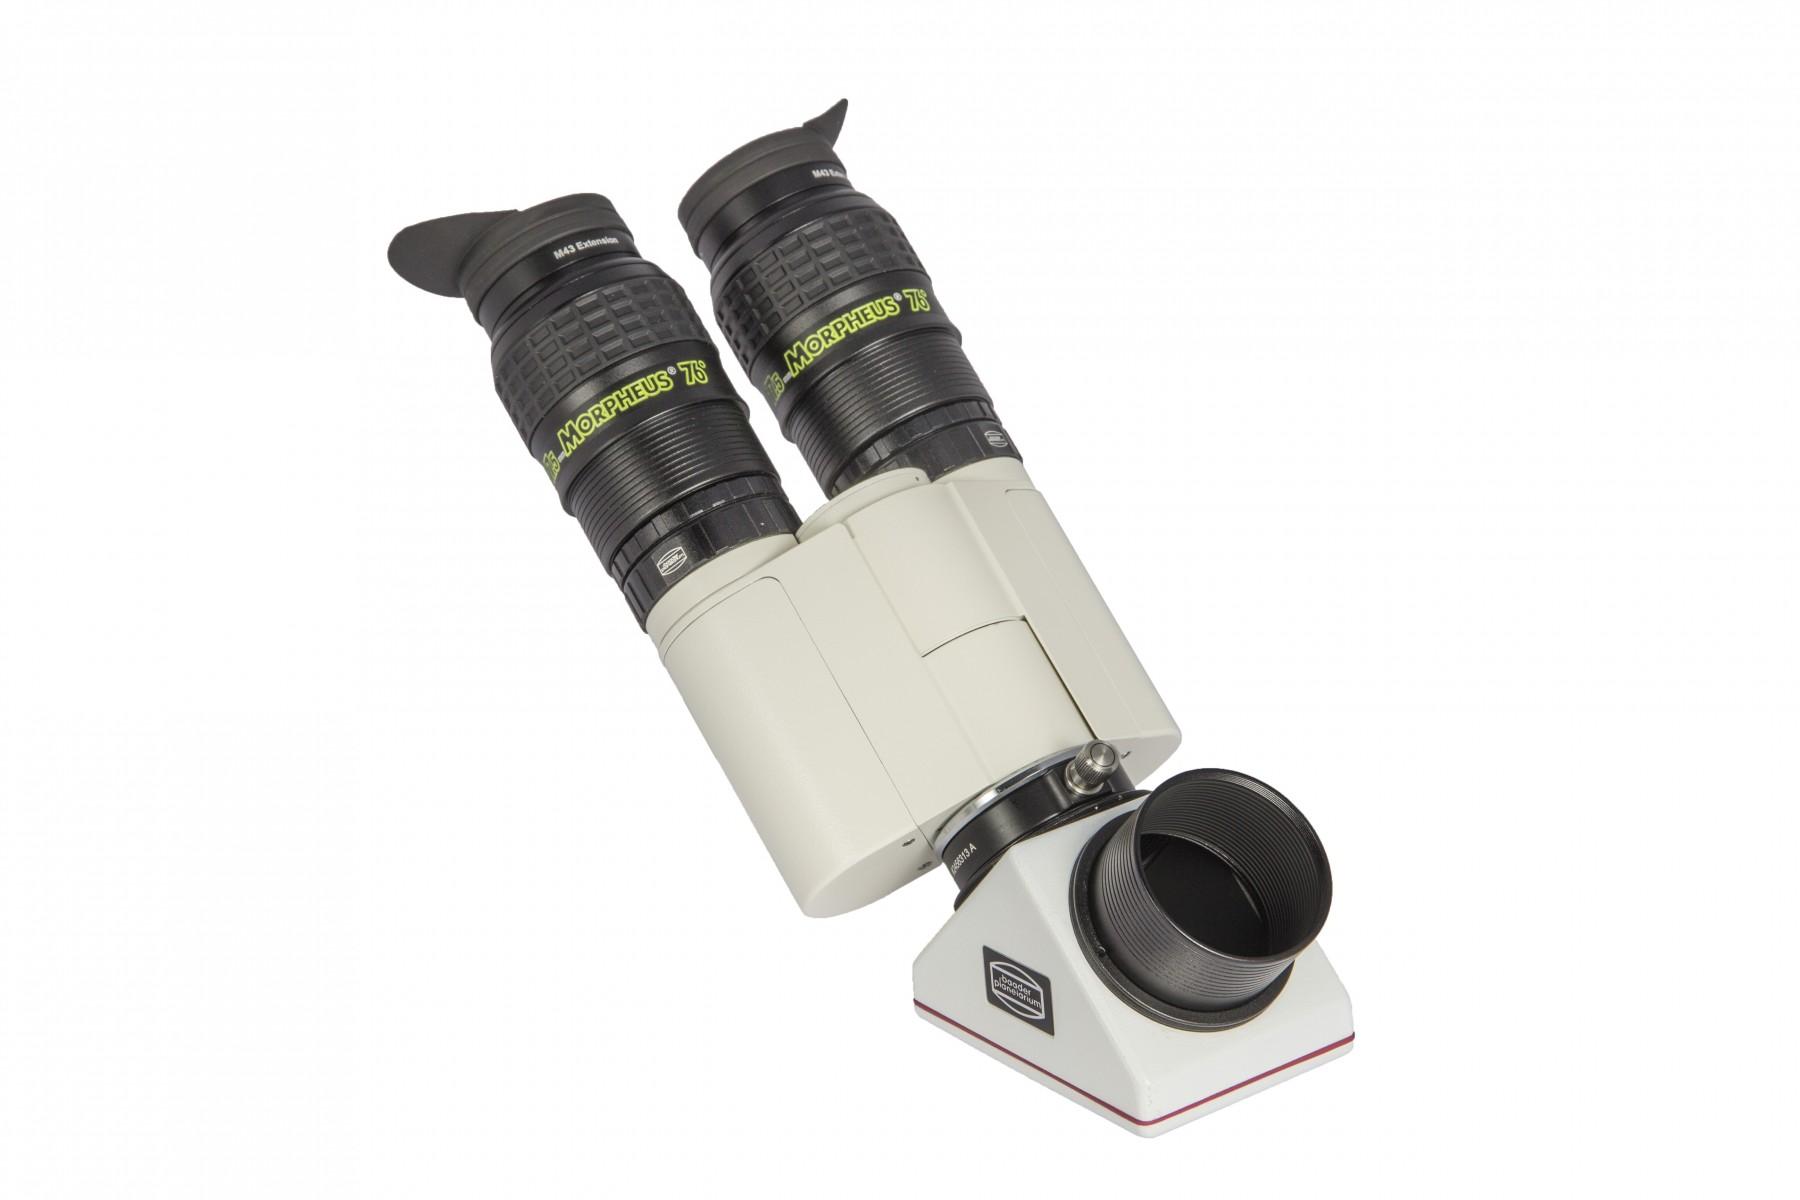 Anwendungsbild: Mit ClickLock Zenitspiegel und schlanken Morpheus 17.5mm Okularen